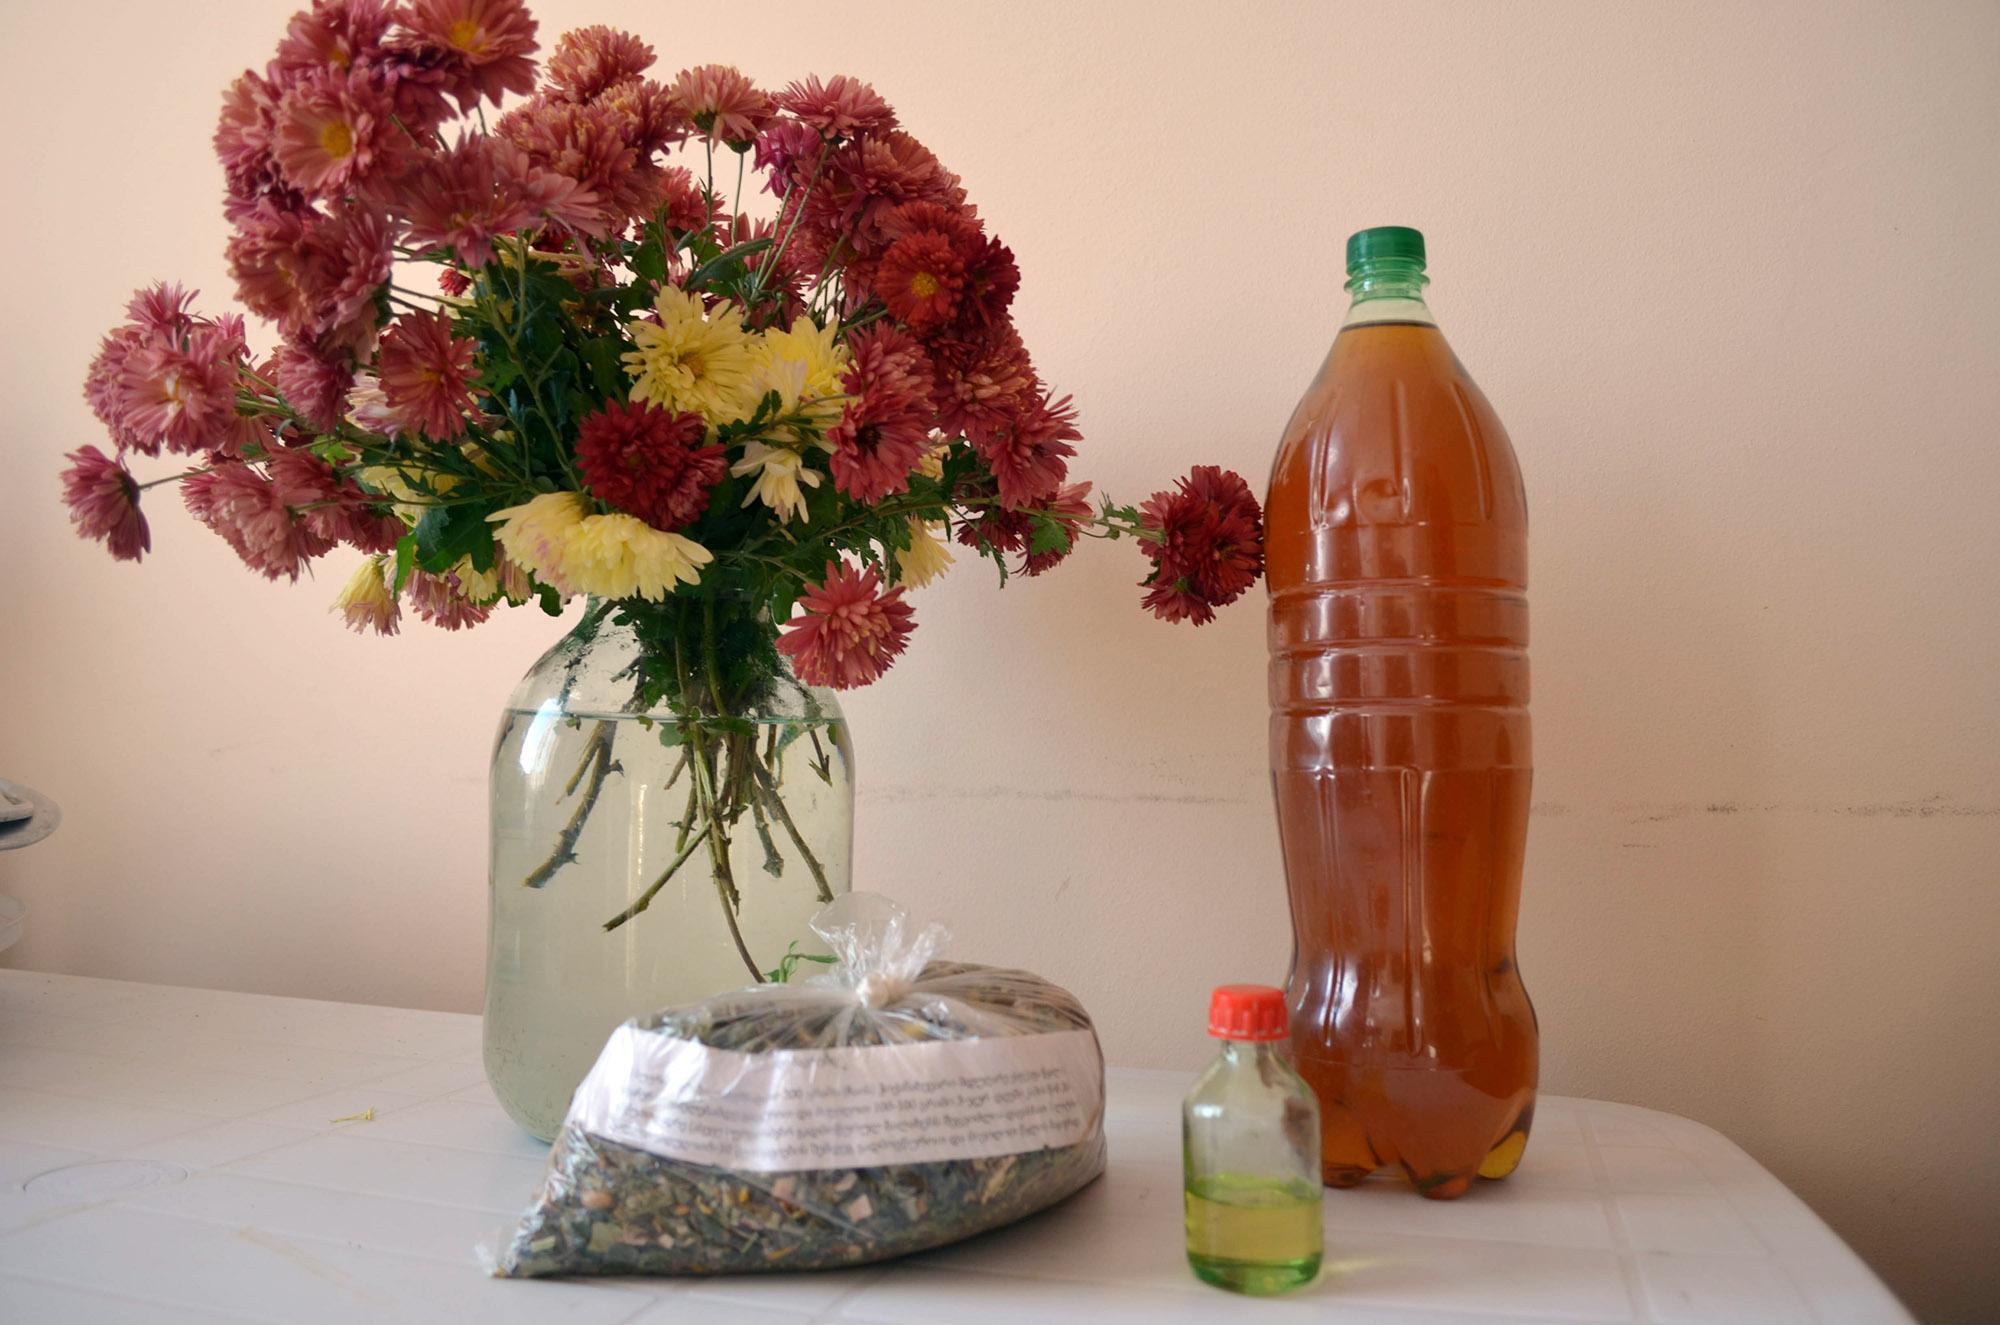 Prodotti realizzati con erbe medicinali. Foto: Salome Kinkladze / OC Media